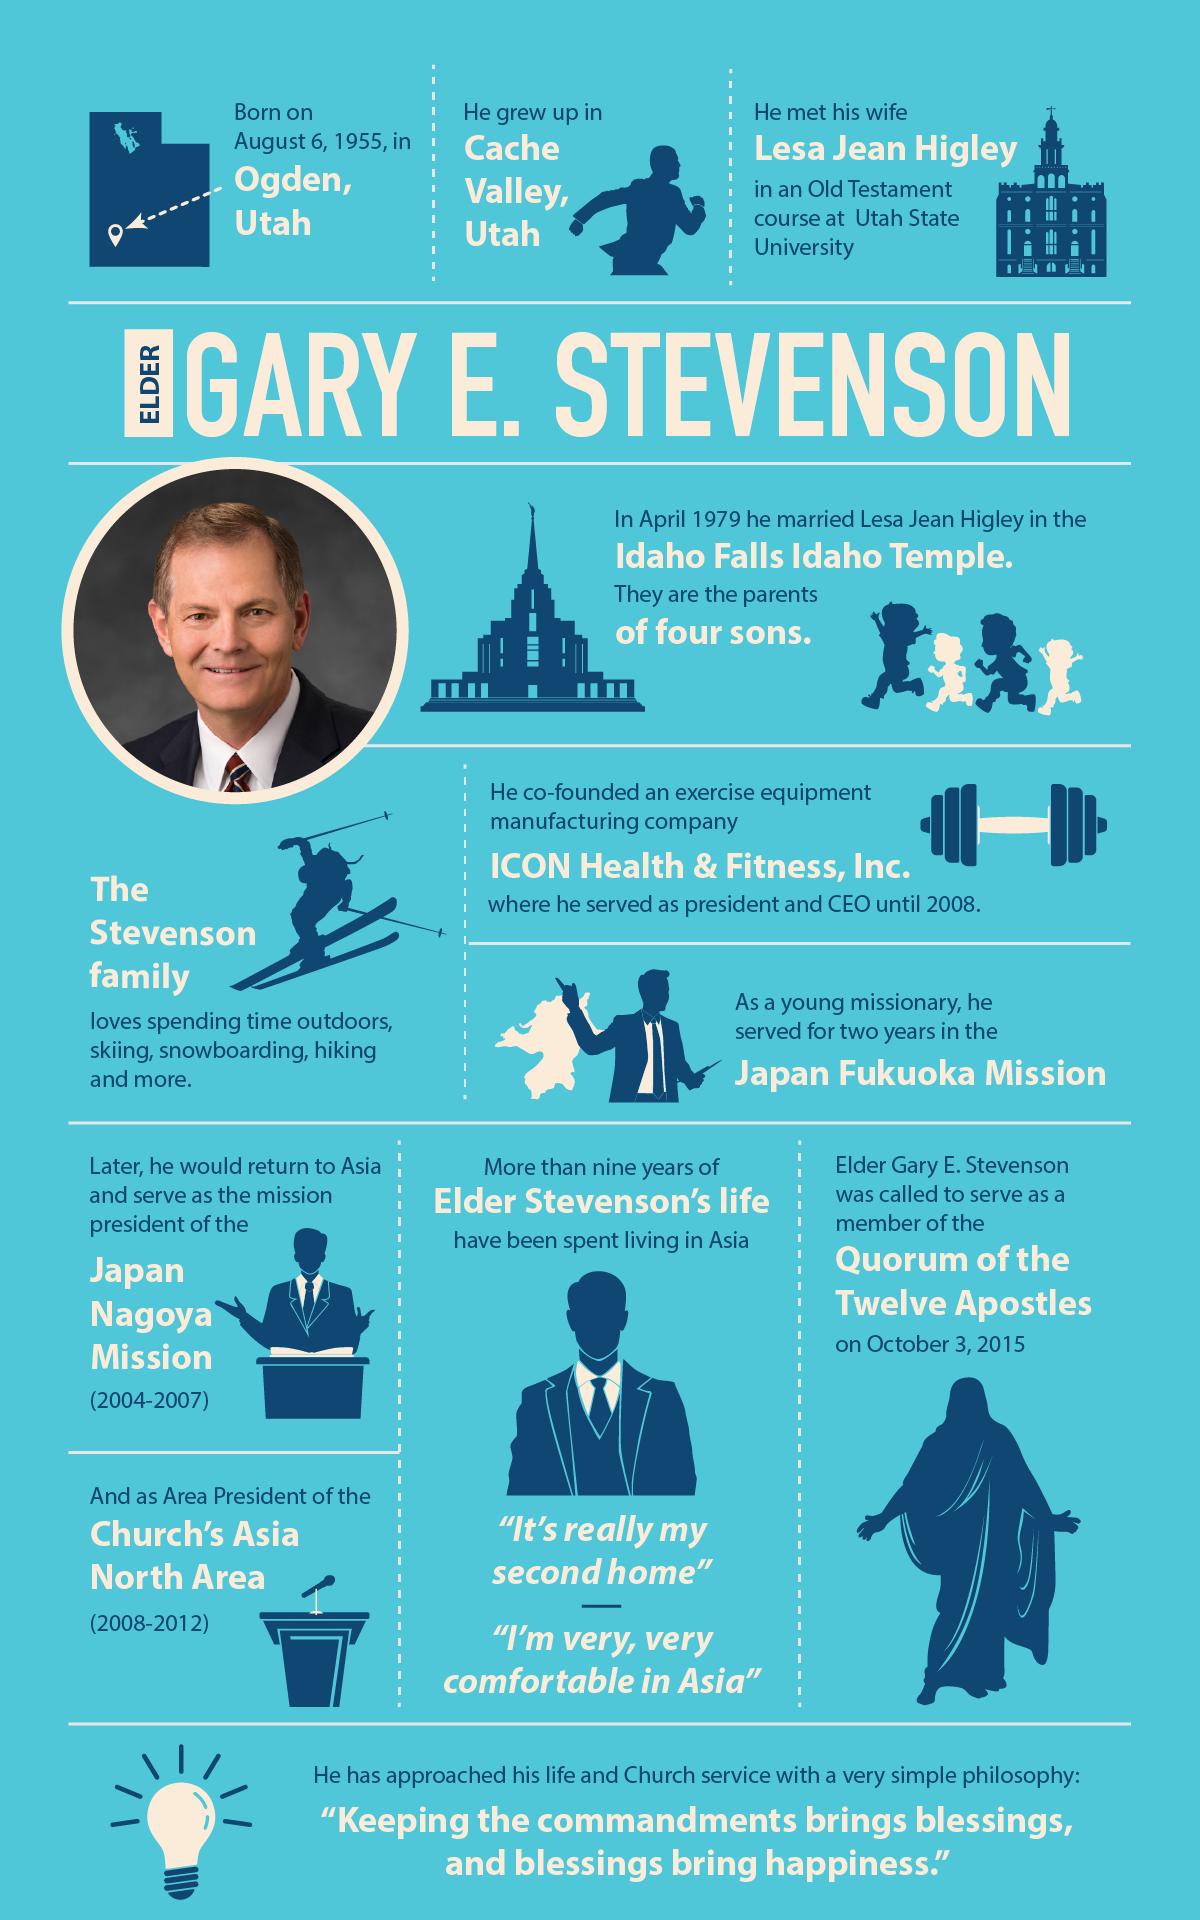 Elder Gary E. Stevenson infographic